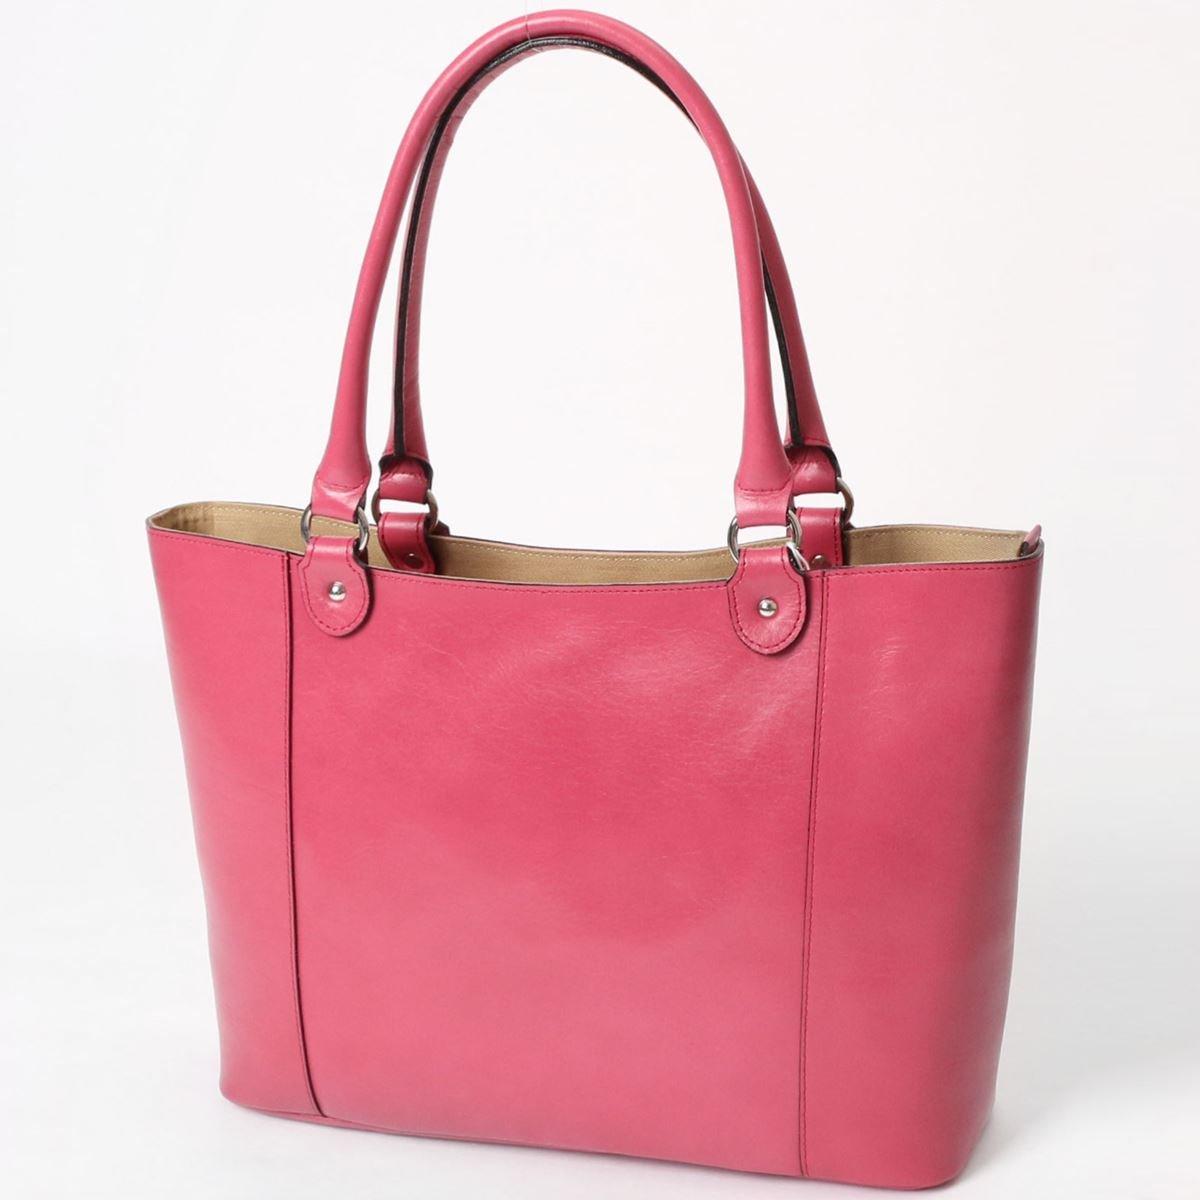 良質牛革 トートバッグ 本革 日本製 マゼンタ No.2571 レディースバッグ (鞄 かばん バッグ) 女性かばん   B077965YVS